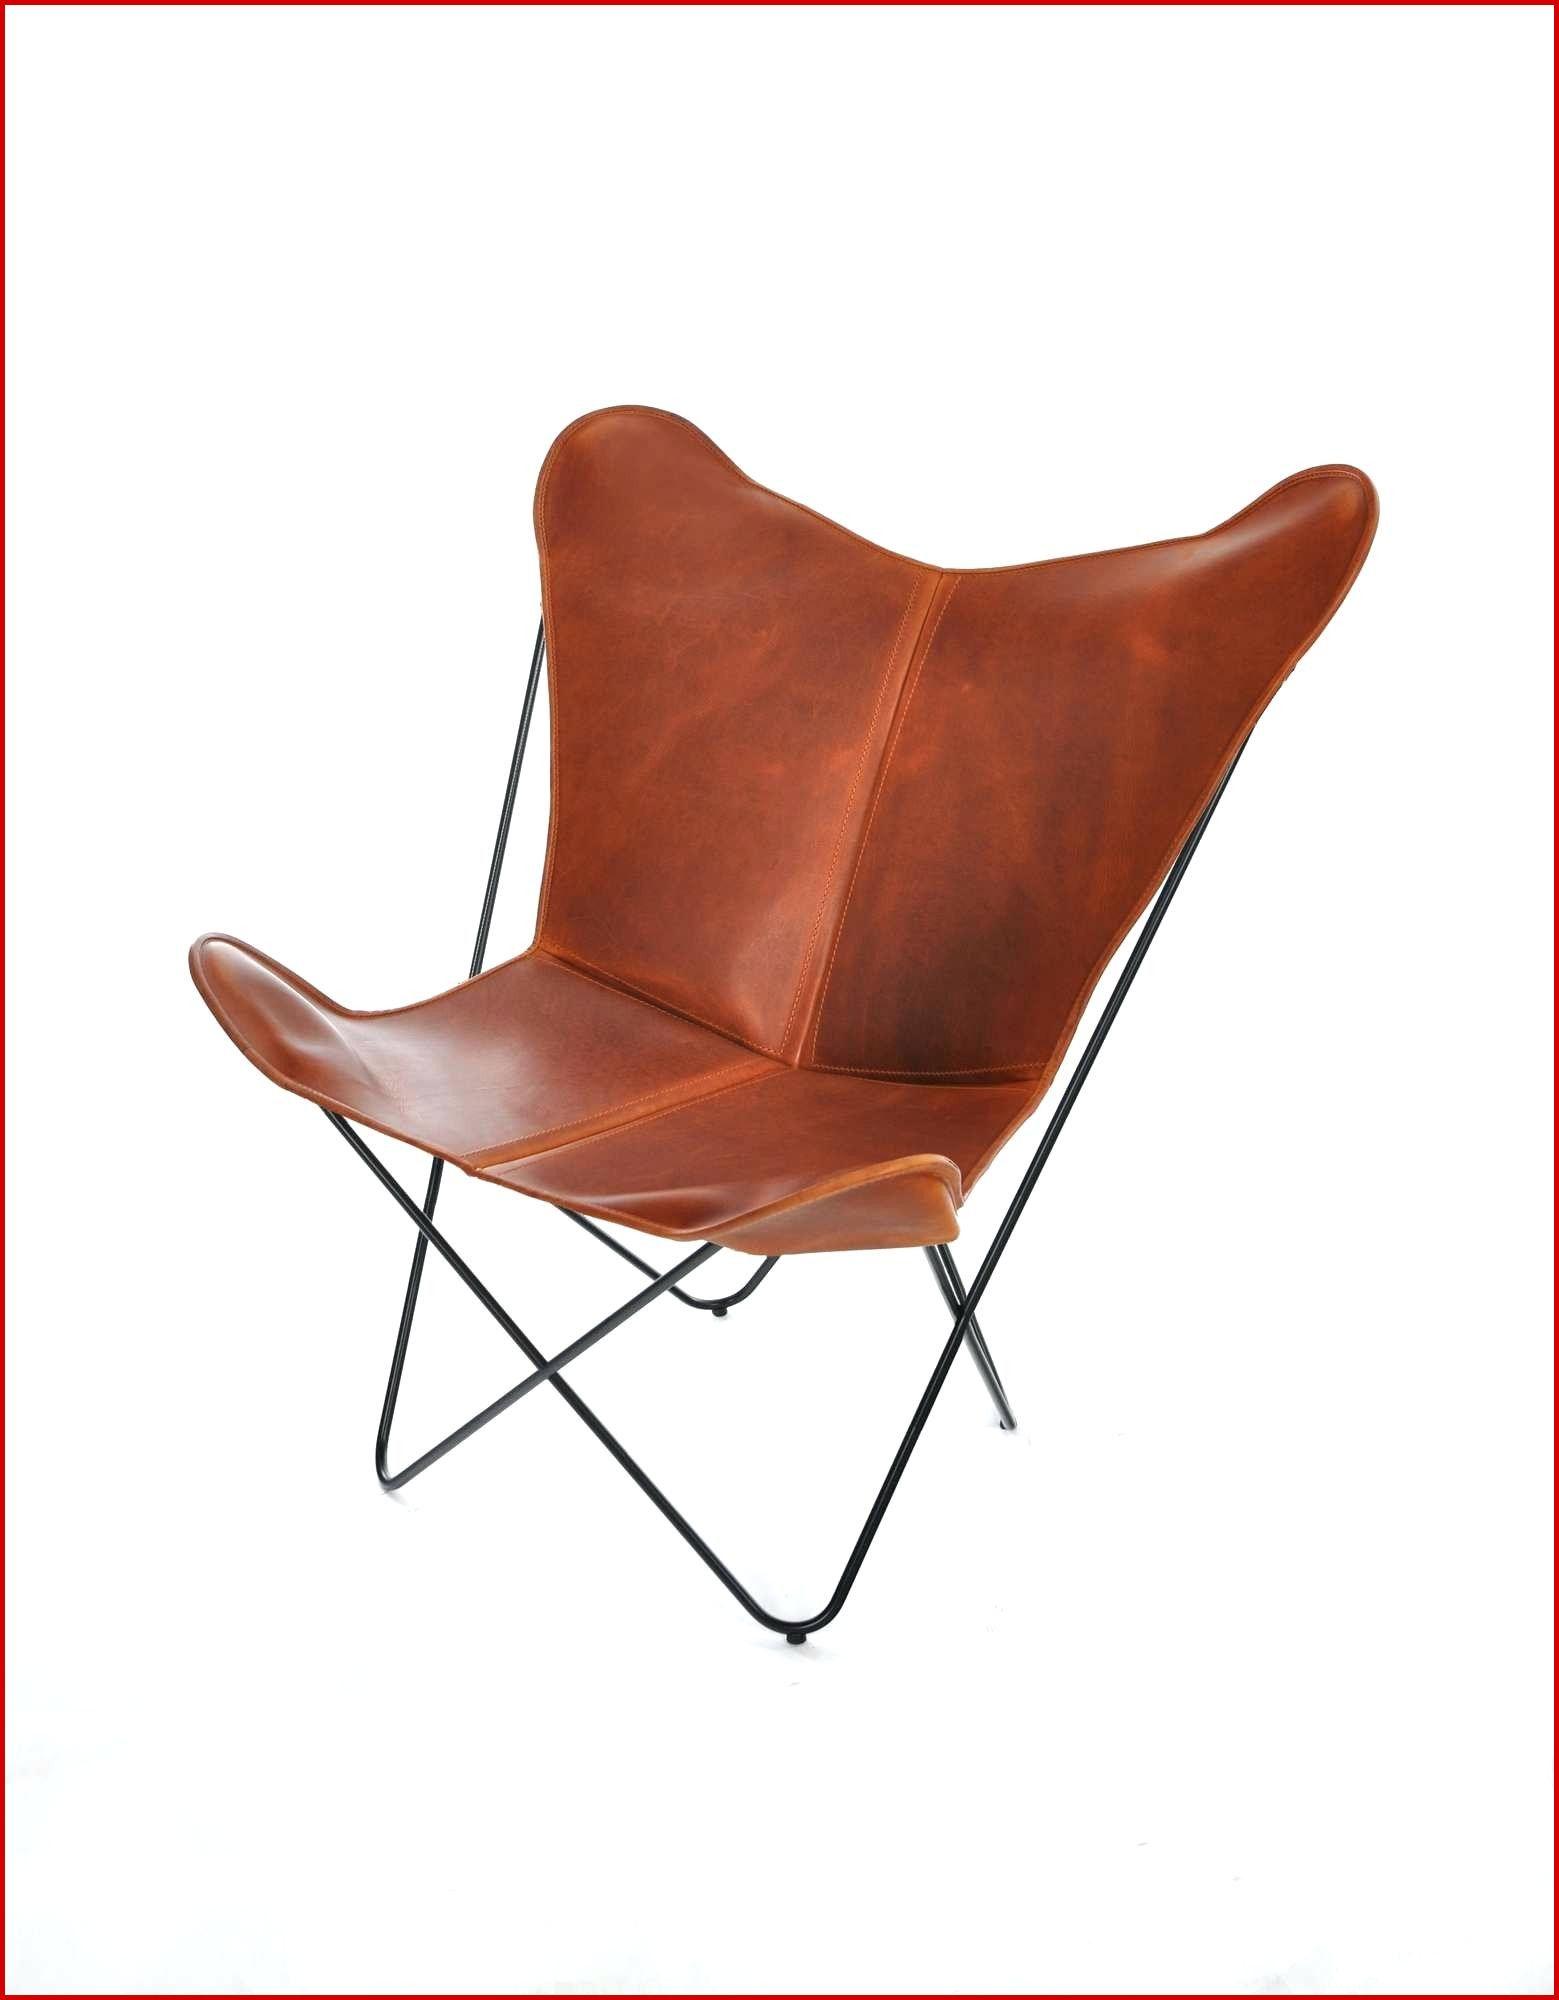 Image Result For Stuhl Klassiker Leder Chair In 2019